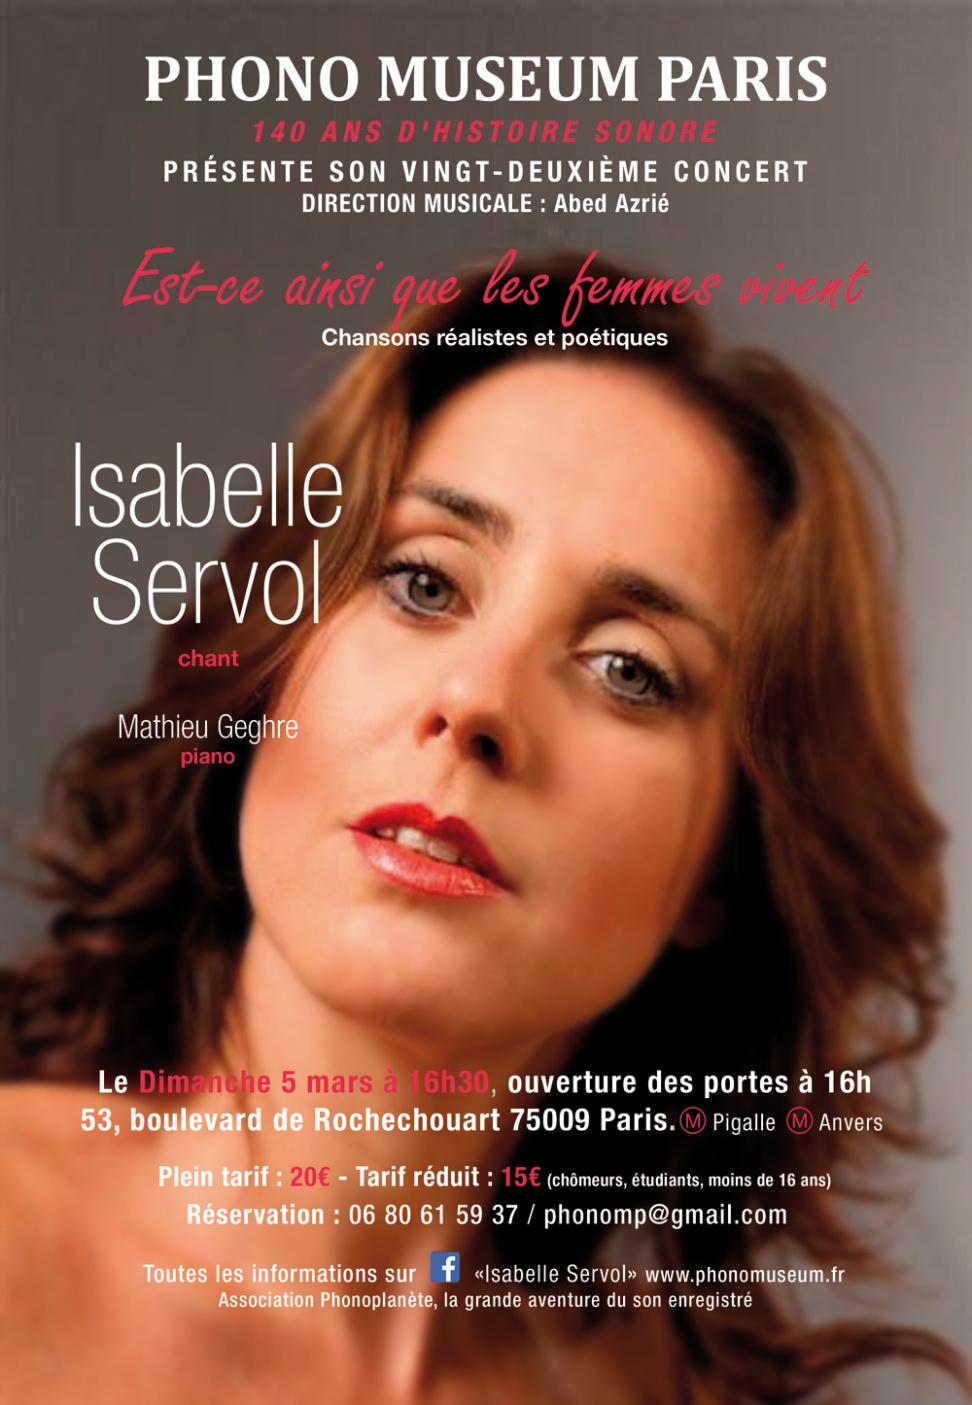 Isabelle Servol